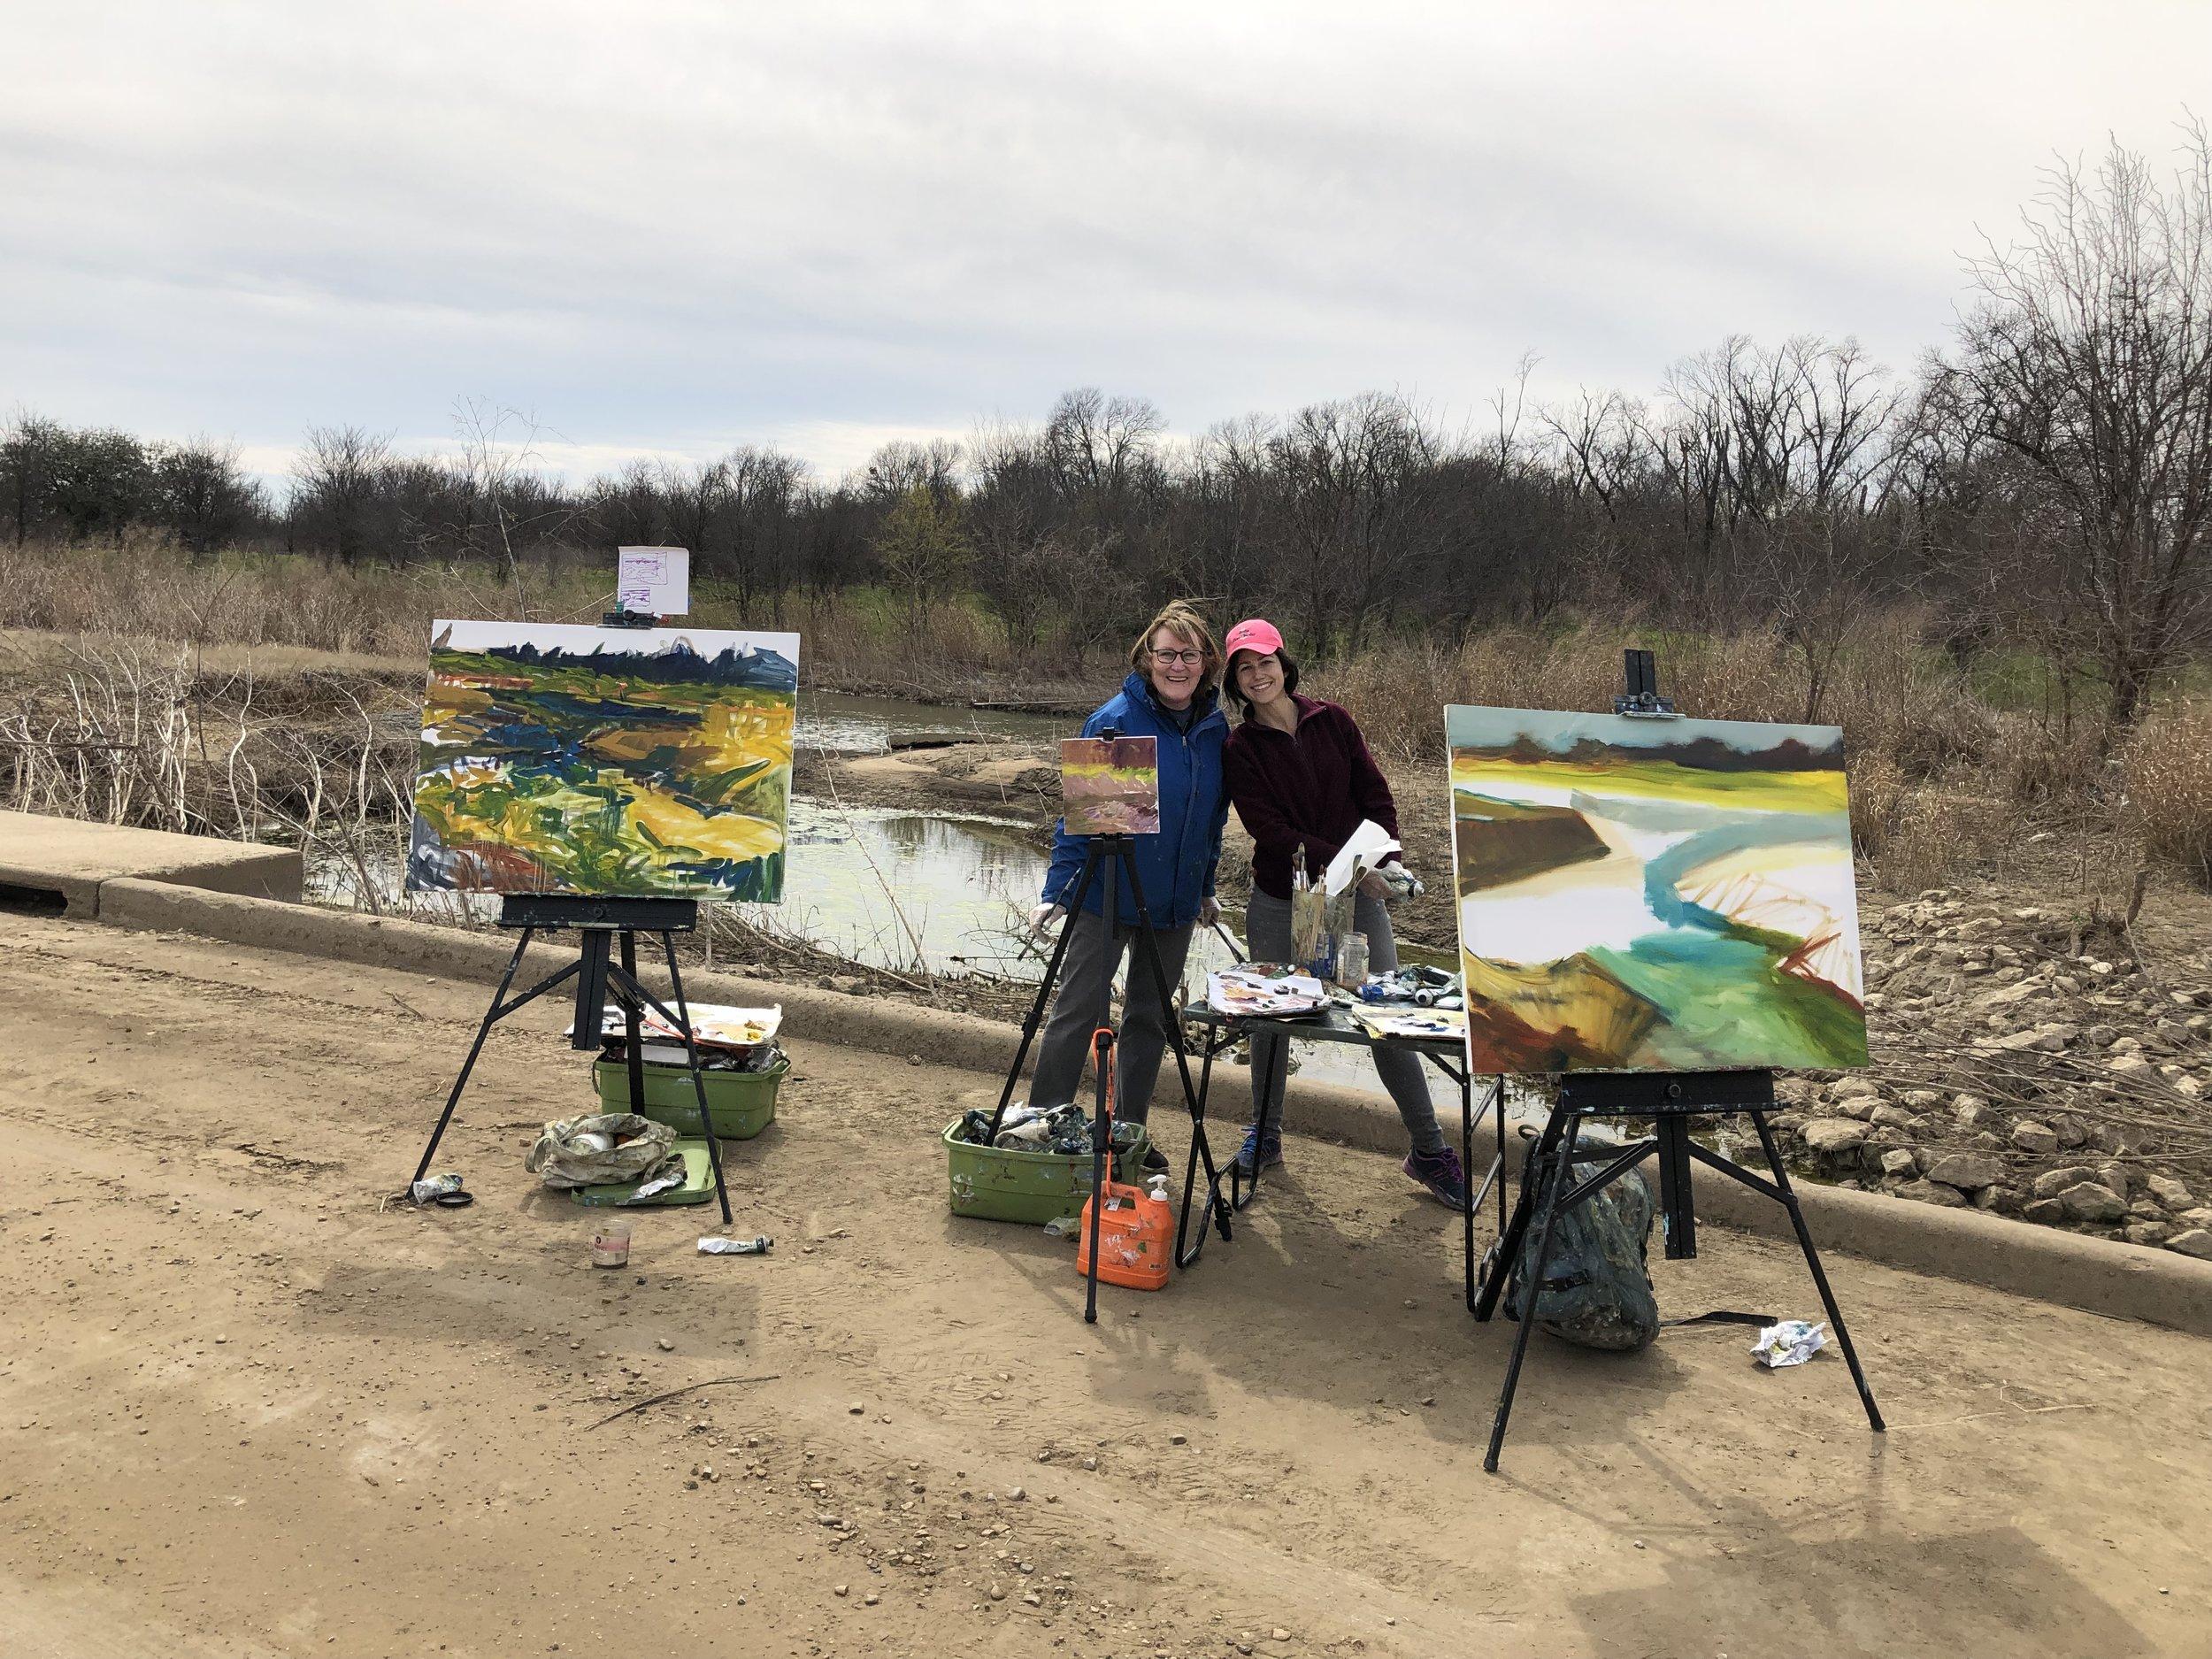 Carolyn Norton & Kayleigh Ebenrick